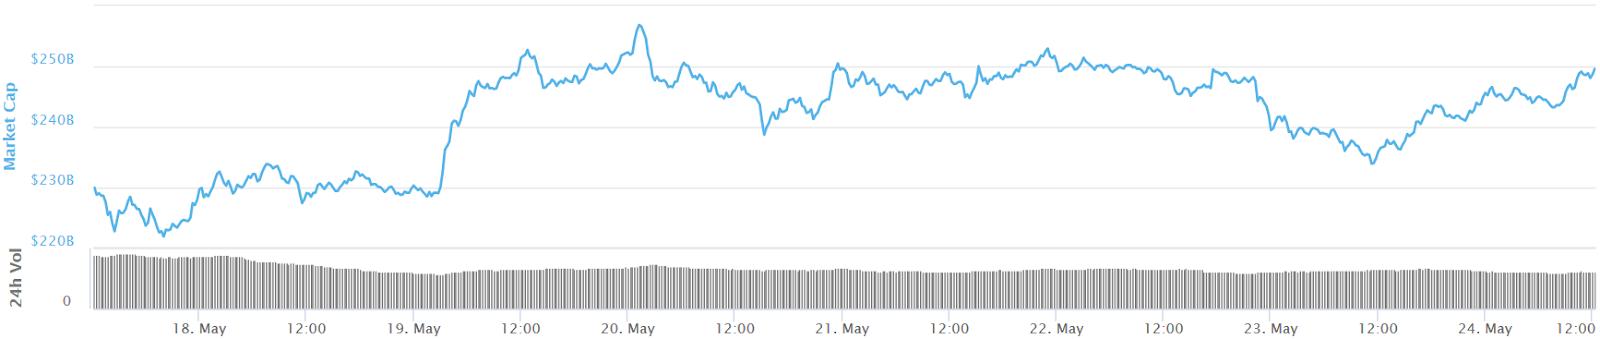 Gesamtmarktkapitalisierung 7-Tage-Preisdiagramm